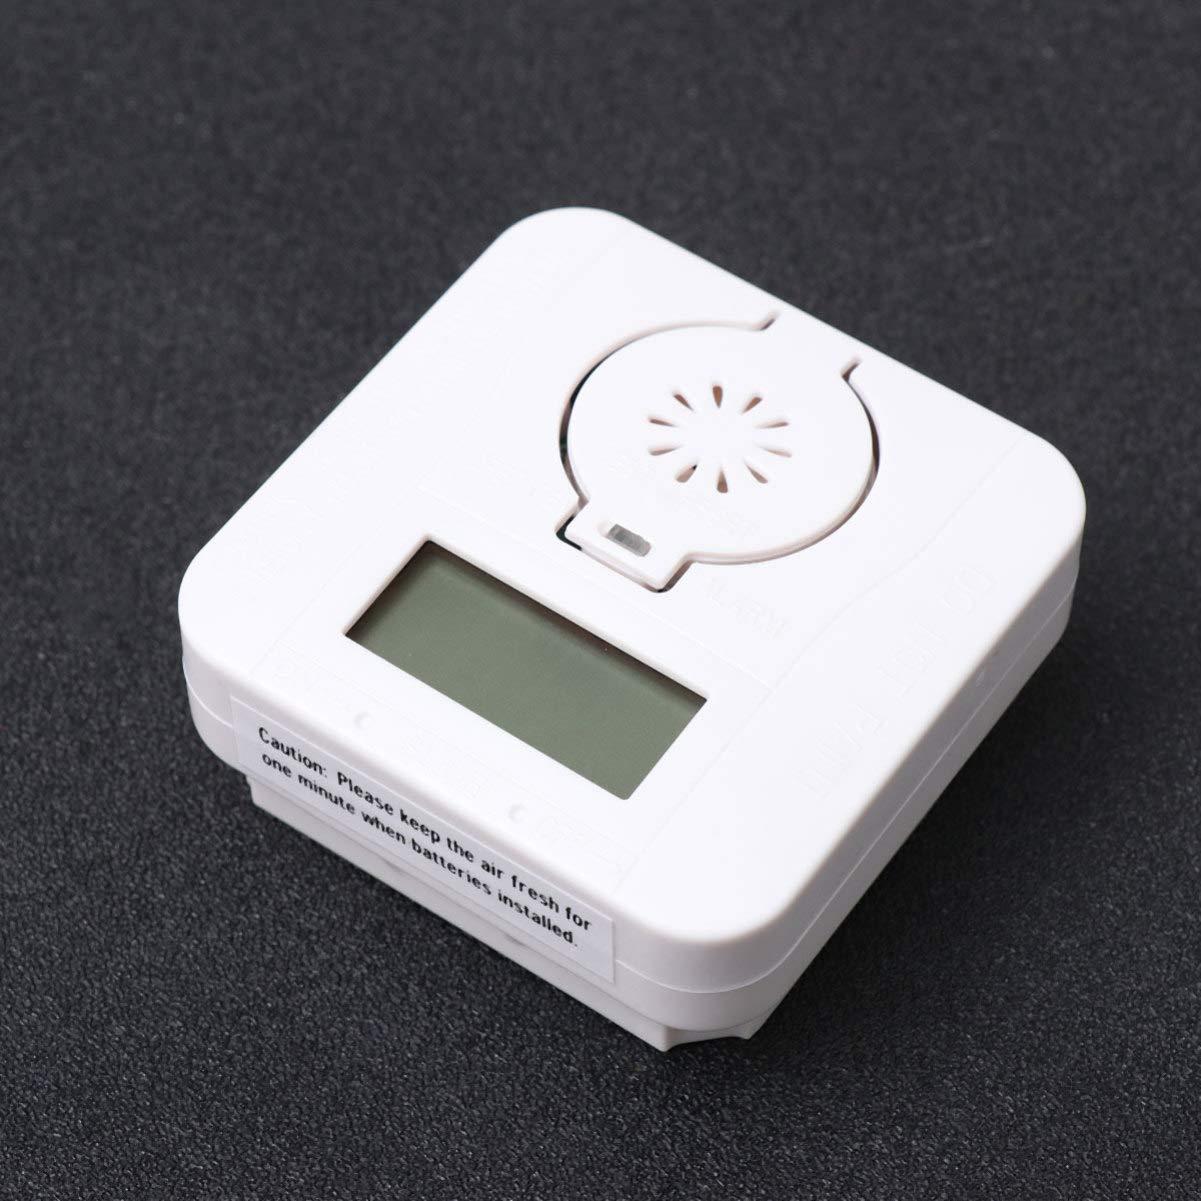 LIOOBO Detector de Alarma de mon/óxido de Carbono de 1 pc Detector de Fugas de Carbono y Gas Sensor de Gas Natural de Alta sensibilidad Alarma de Gas Explosivo